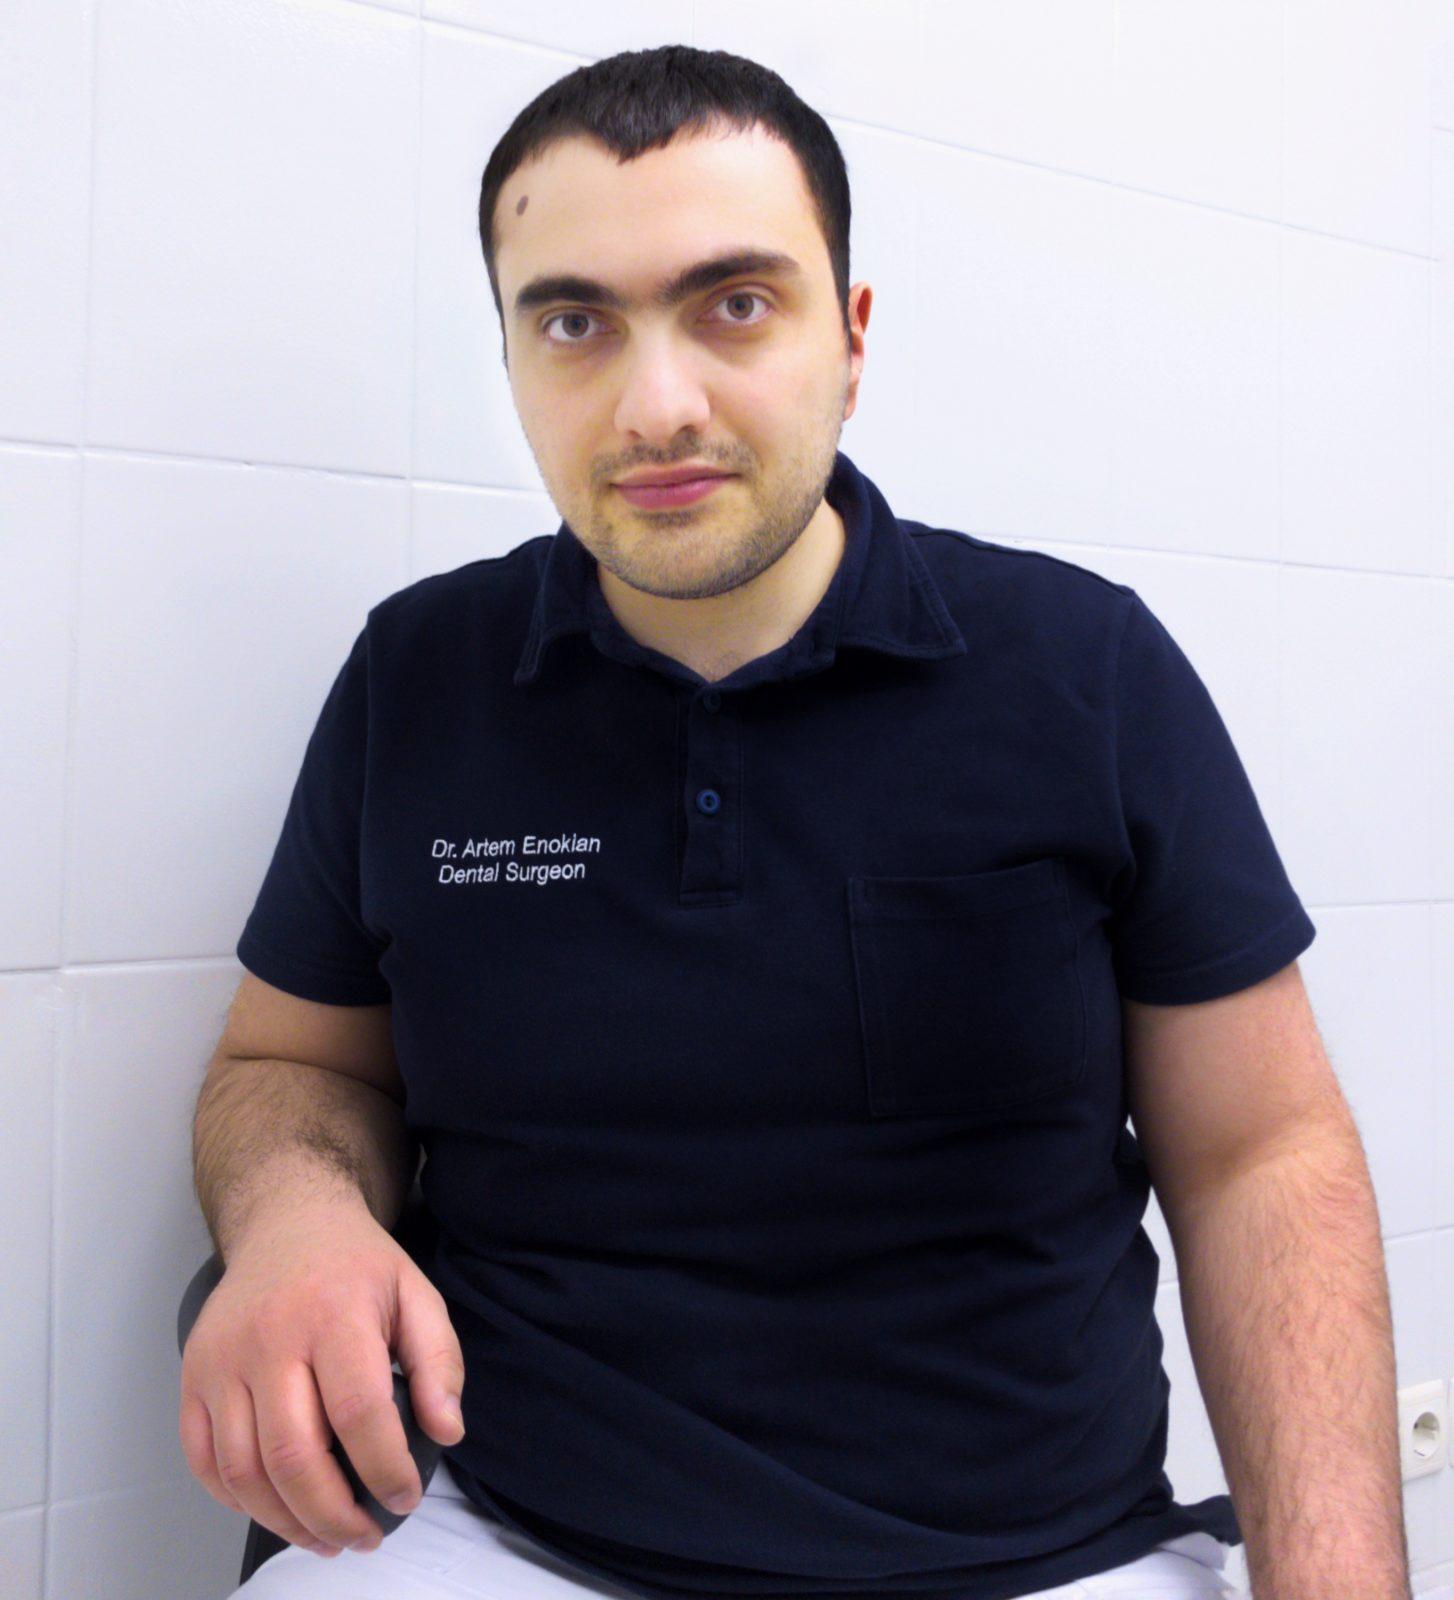 Имплантолог Енокян Артем Дживанови, чспециализируется на имплантации зубов